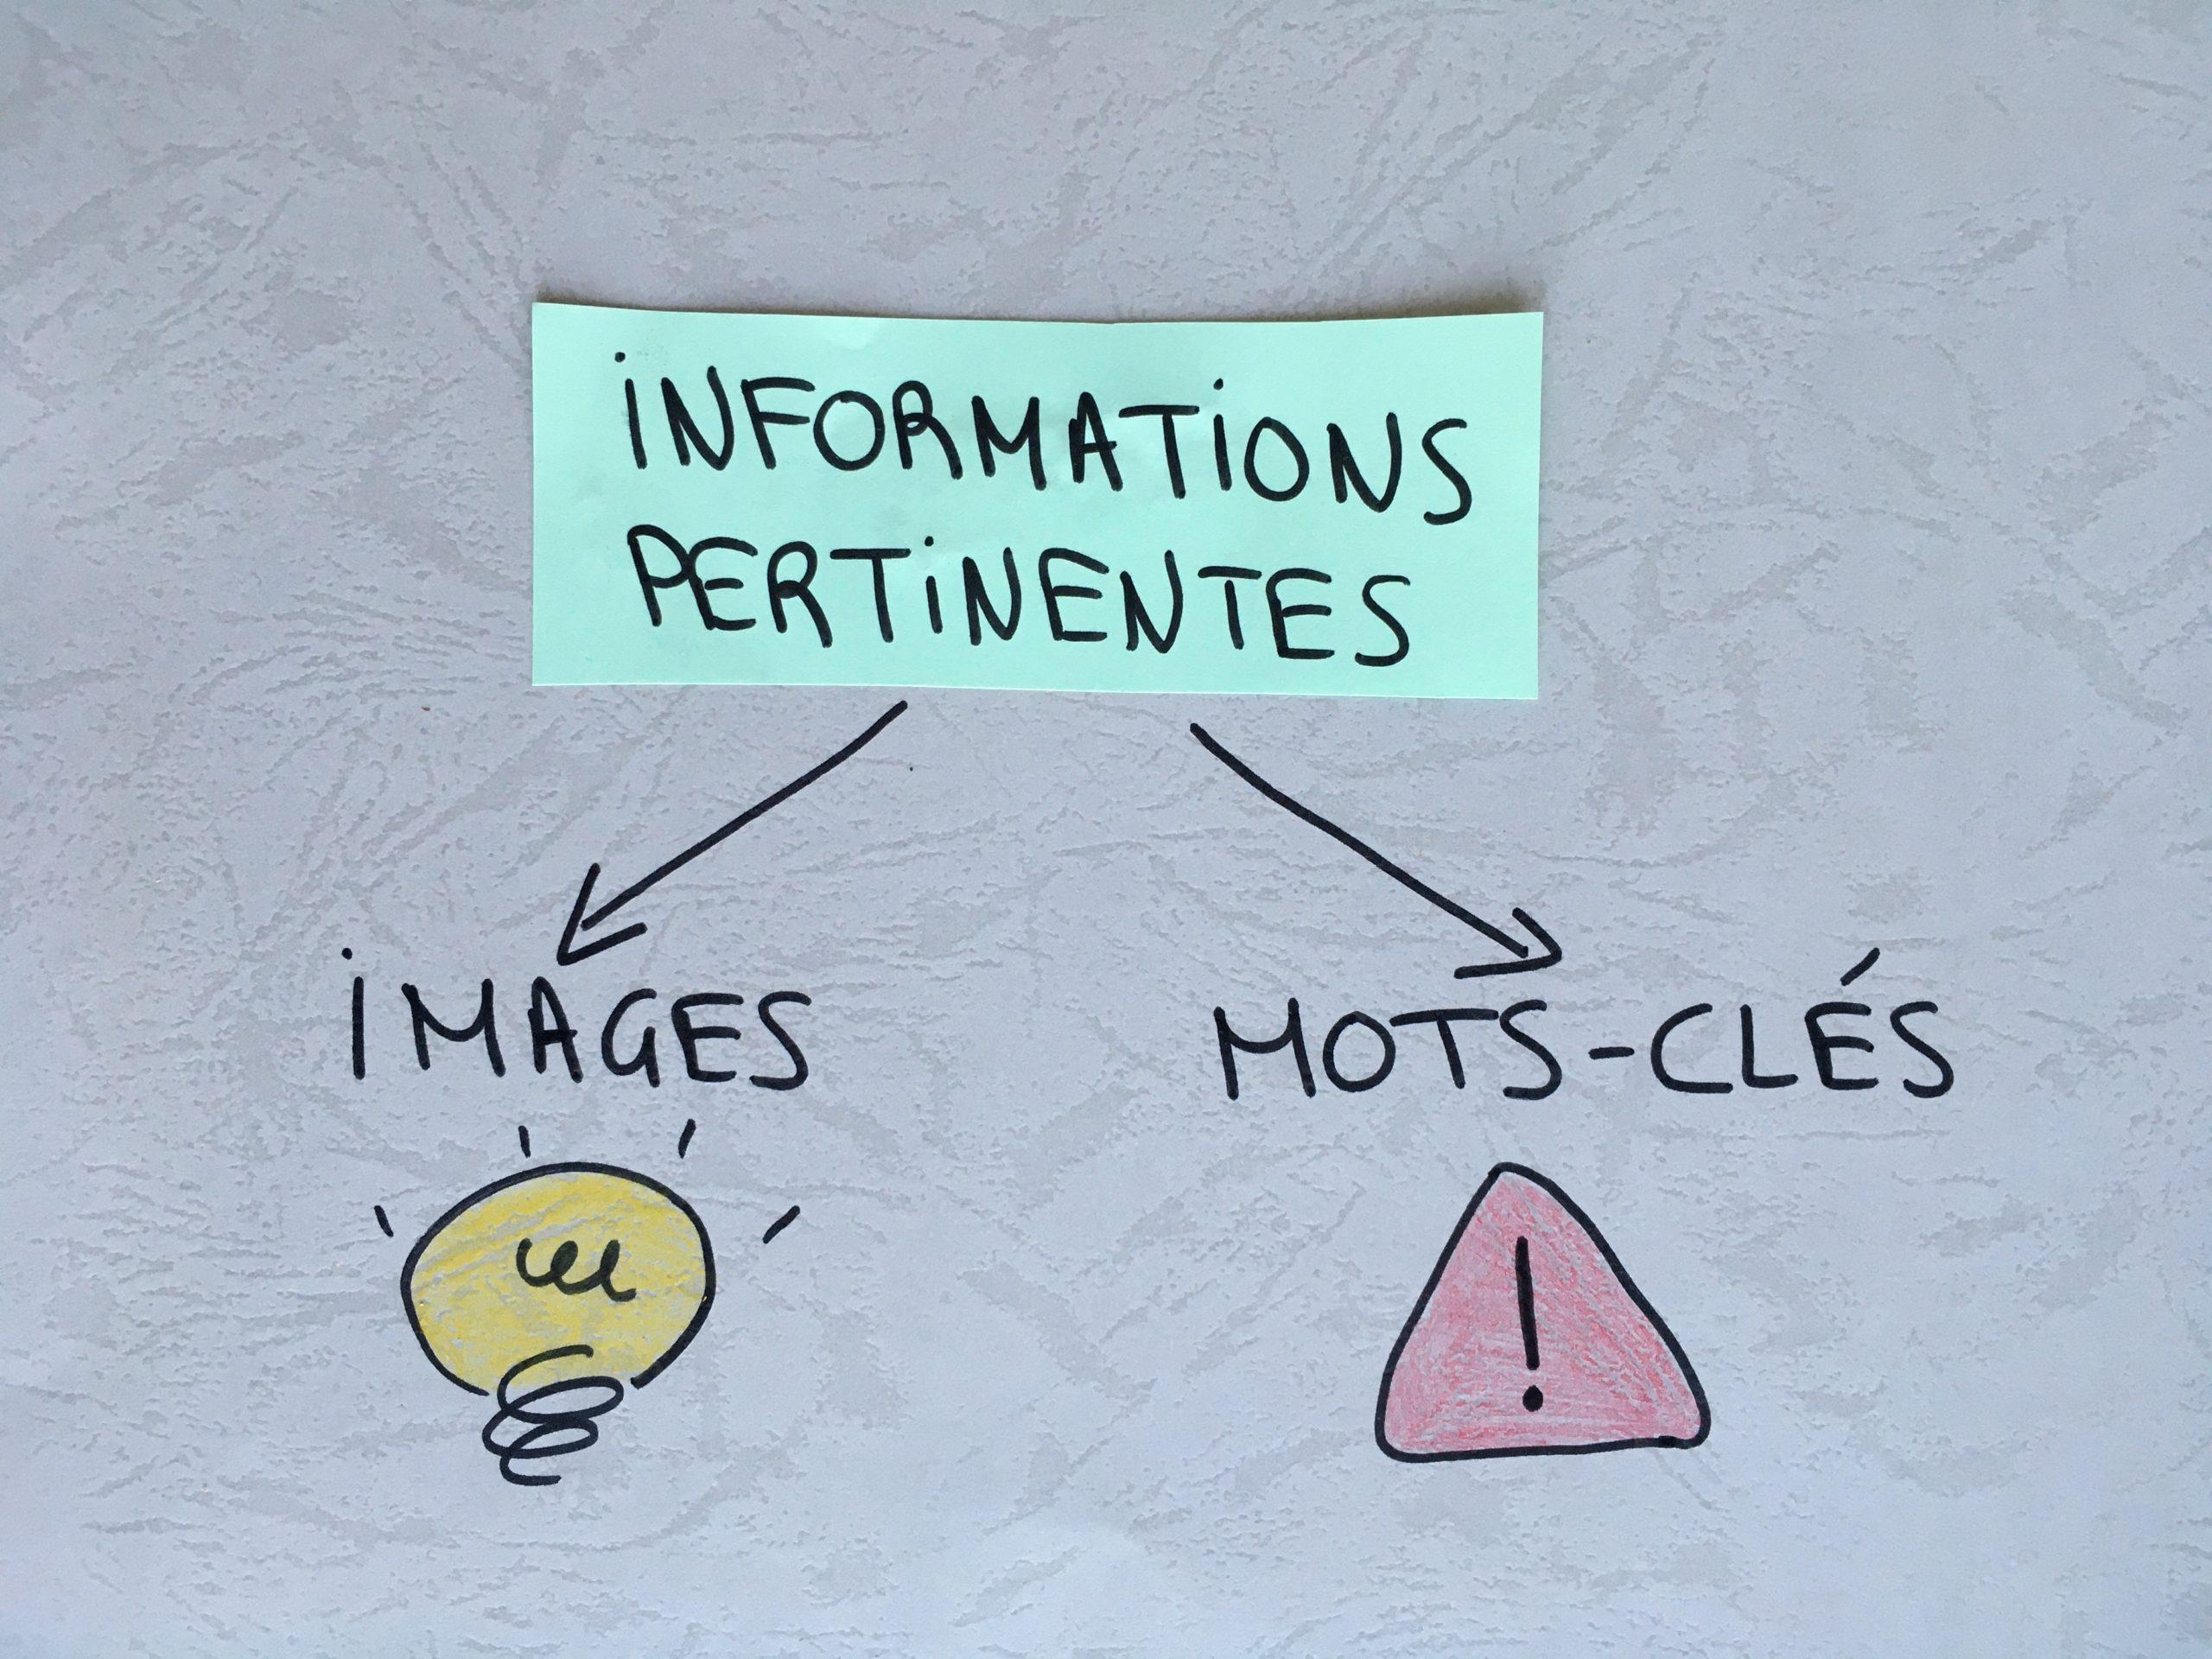 Comment présenter efficacement les informations, pour qu'elles soient compréhensibles et mémorisables ?